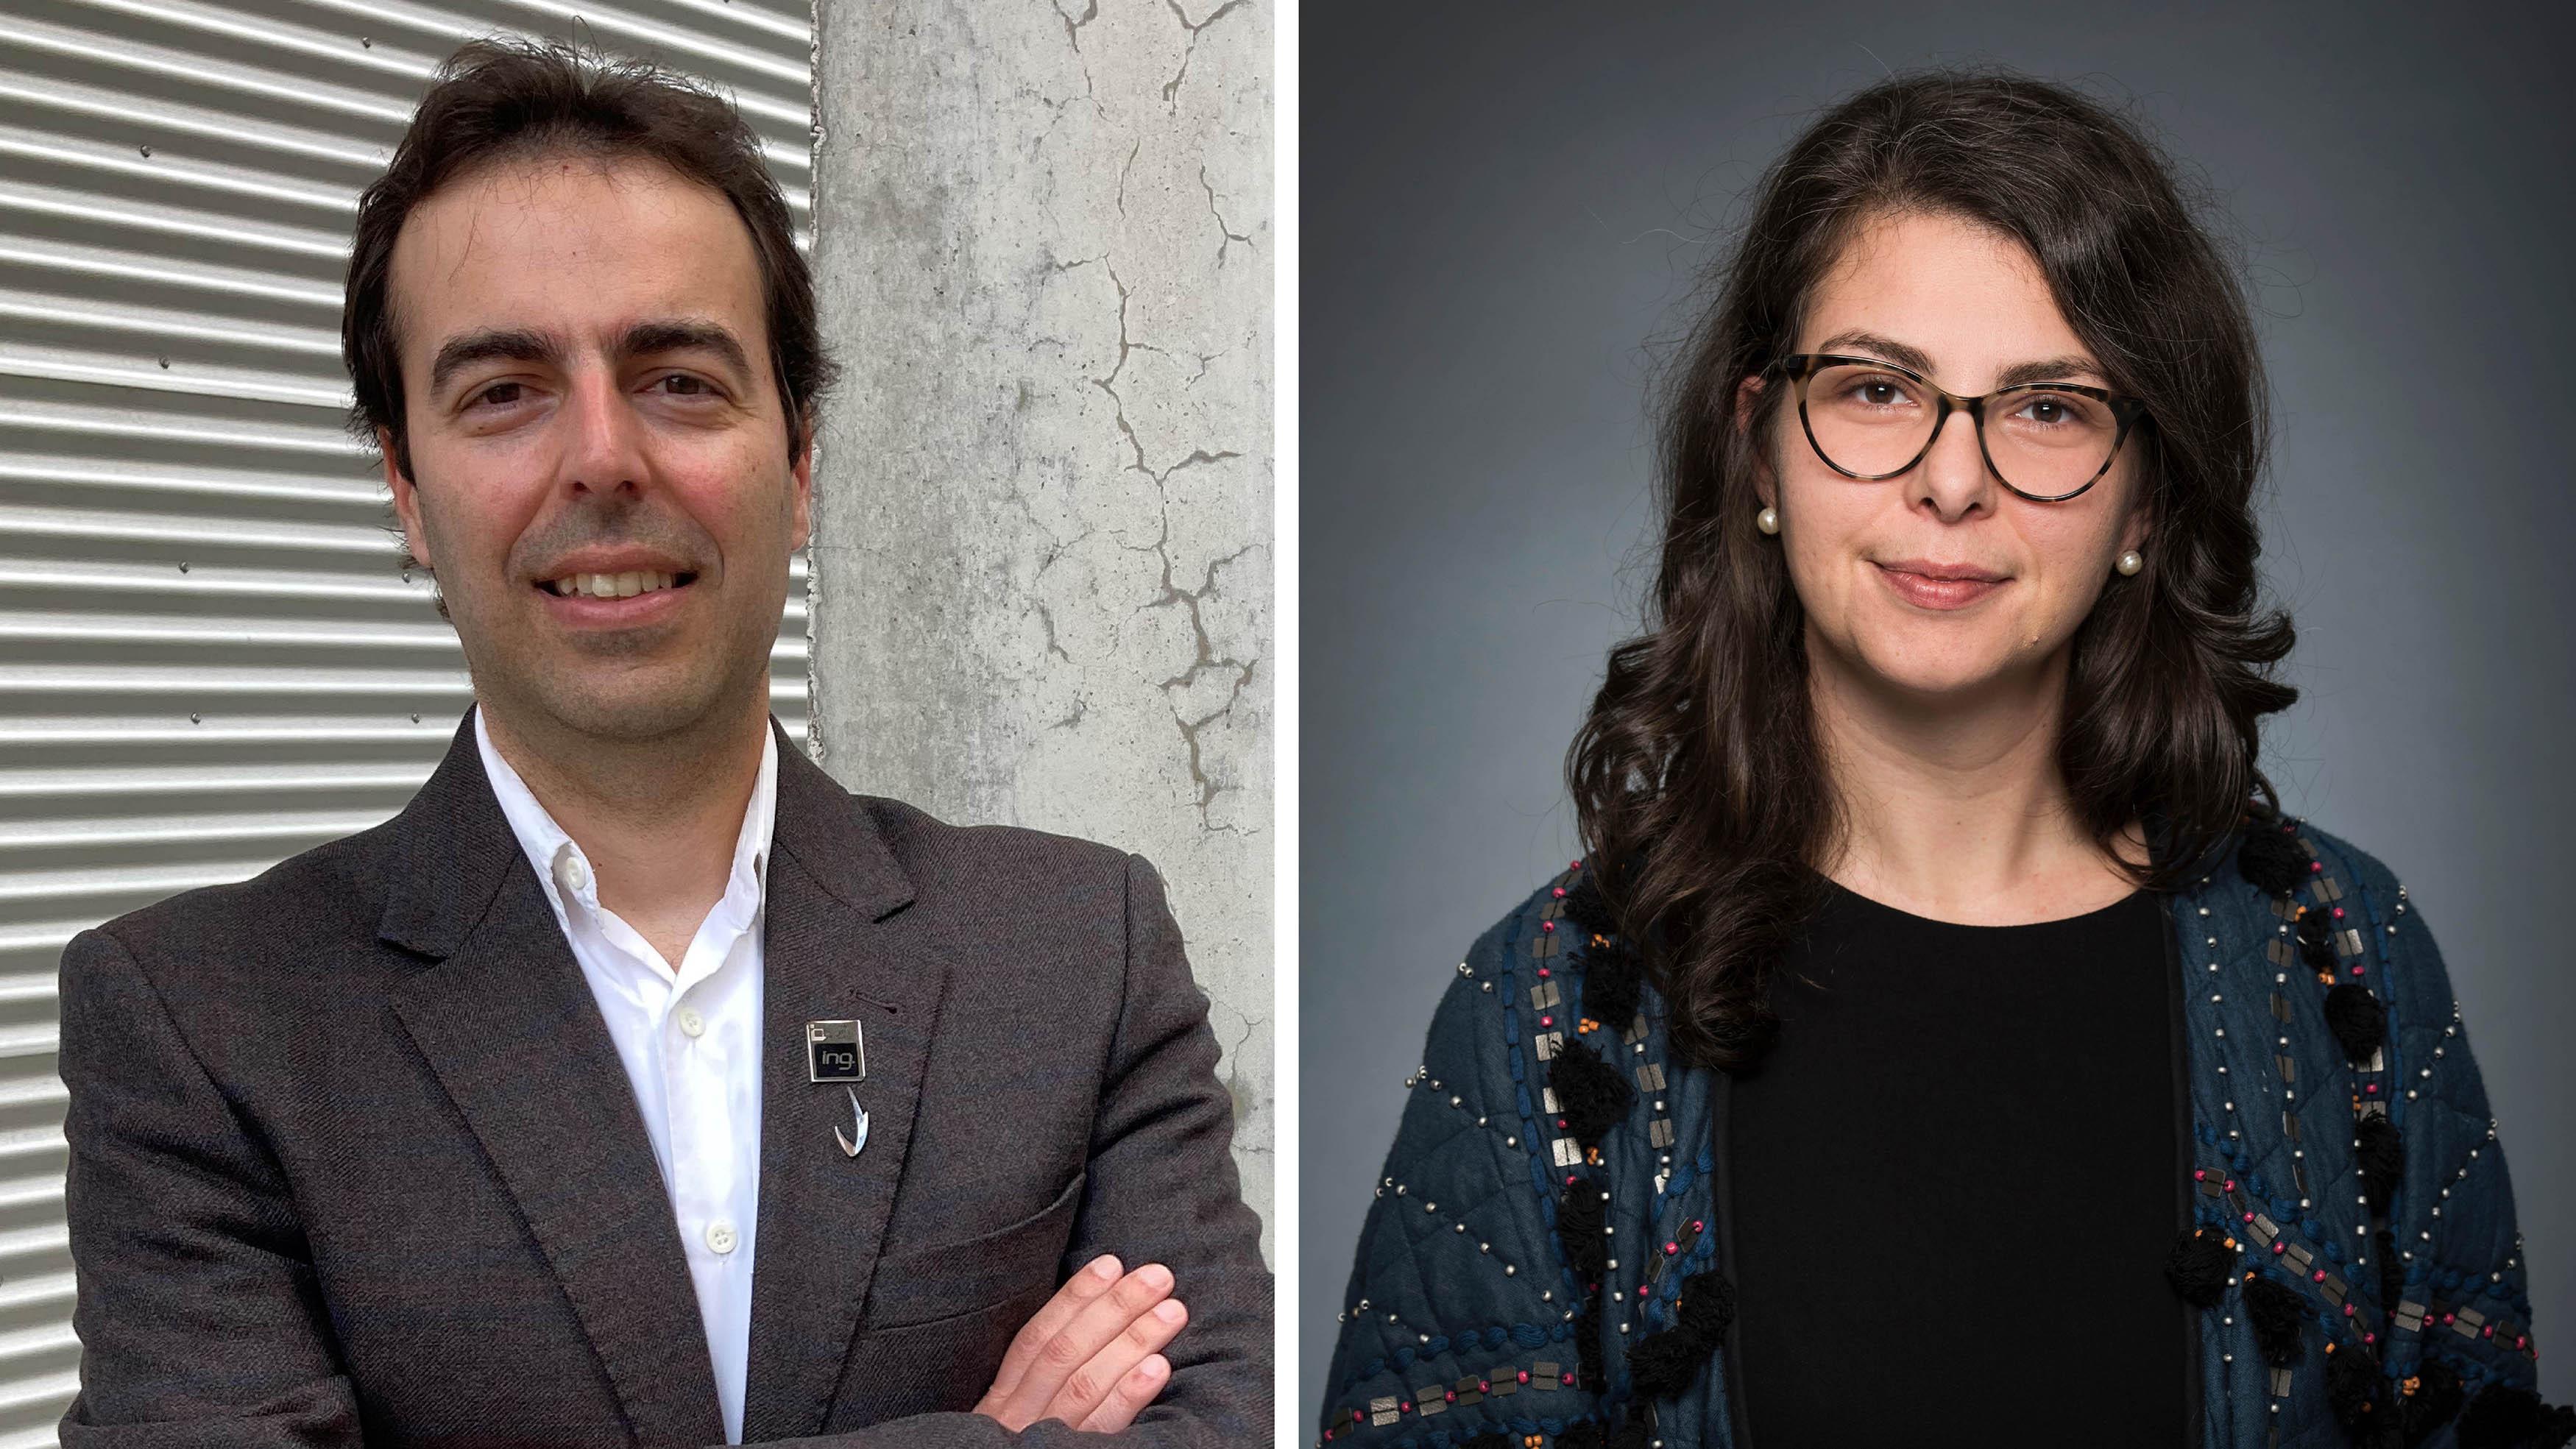 Leandro Sanchez et Alice Zwerling